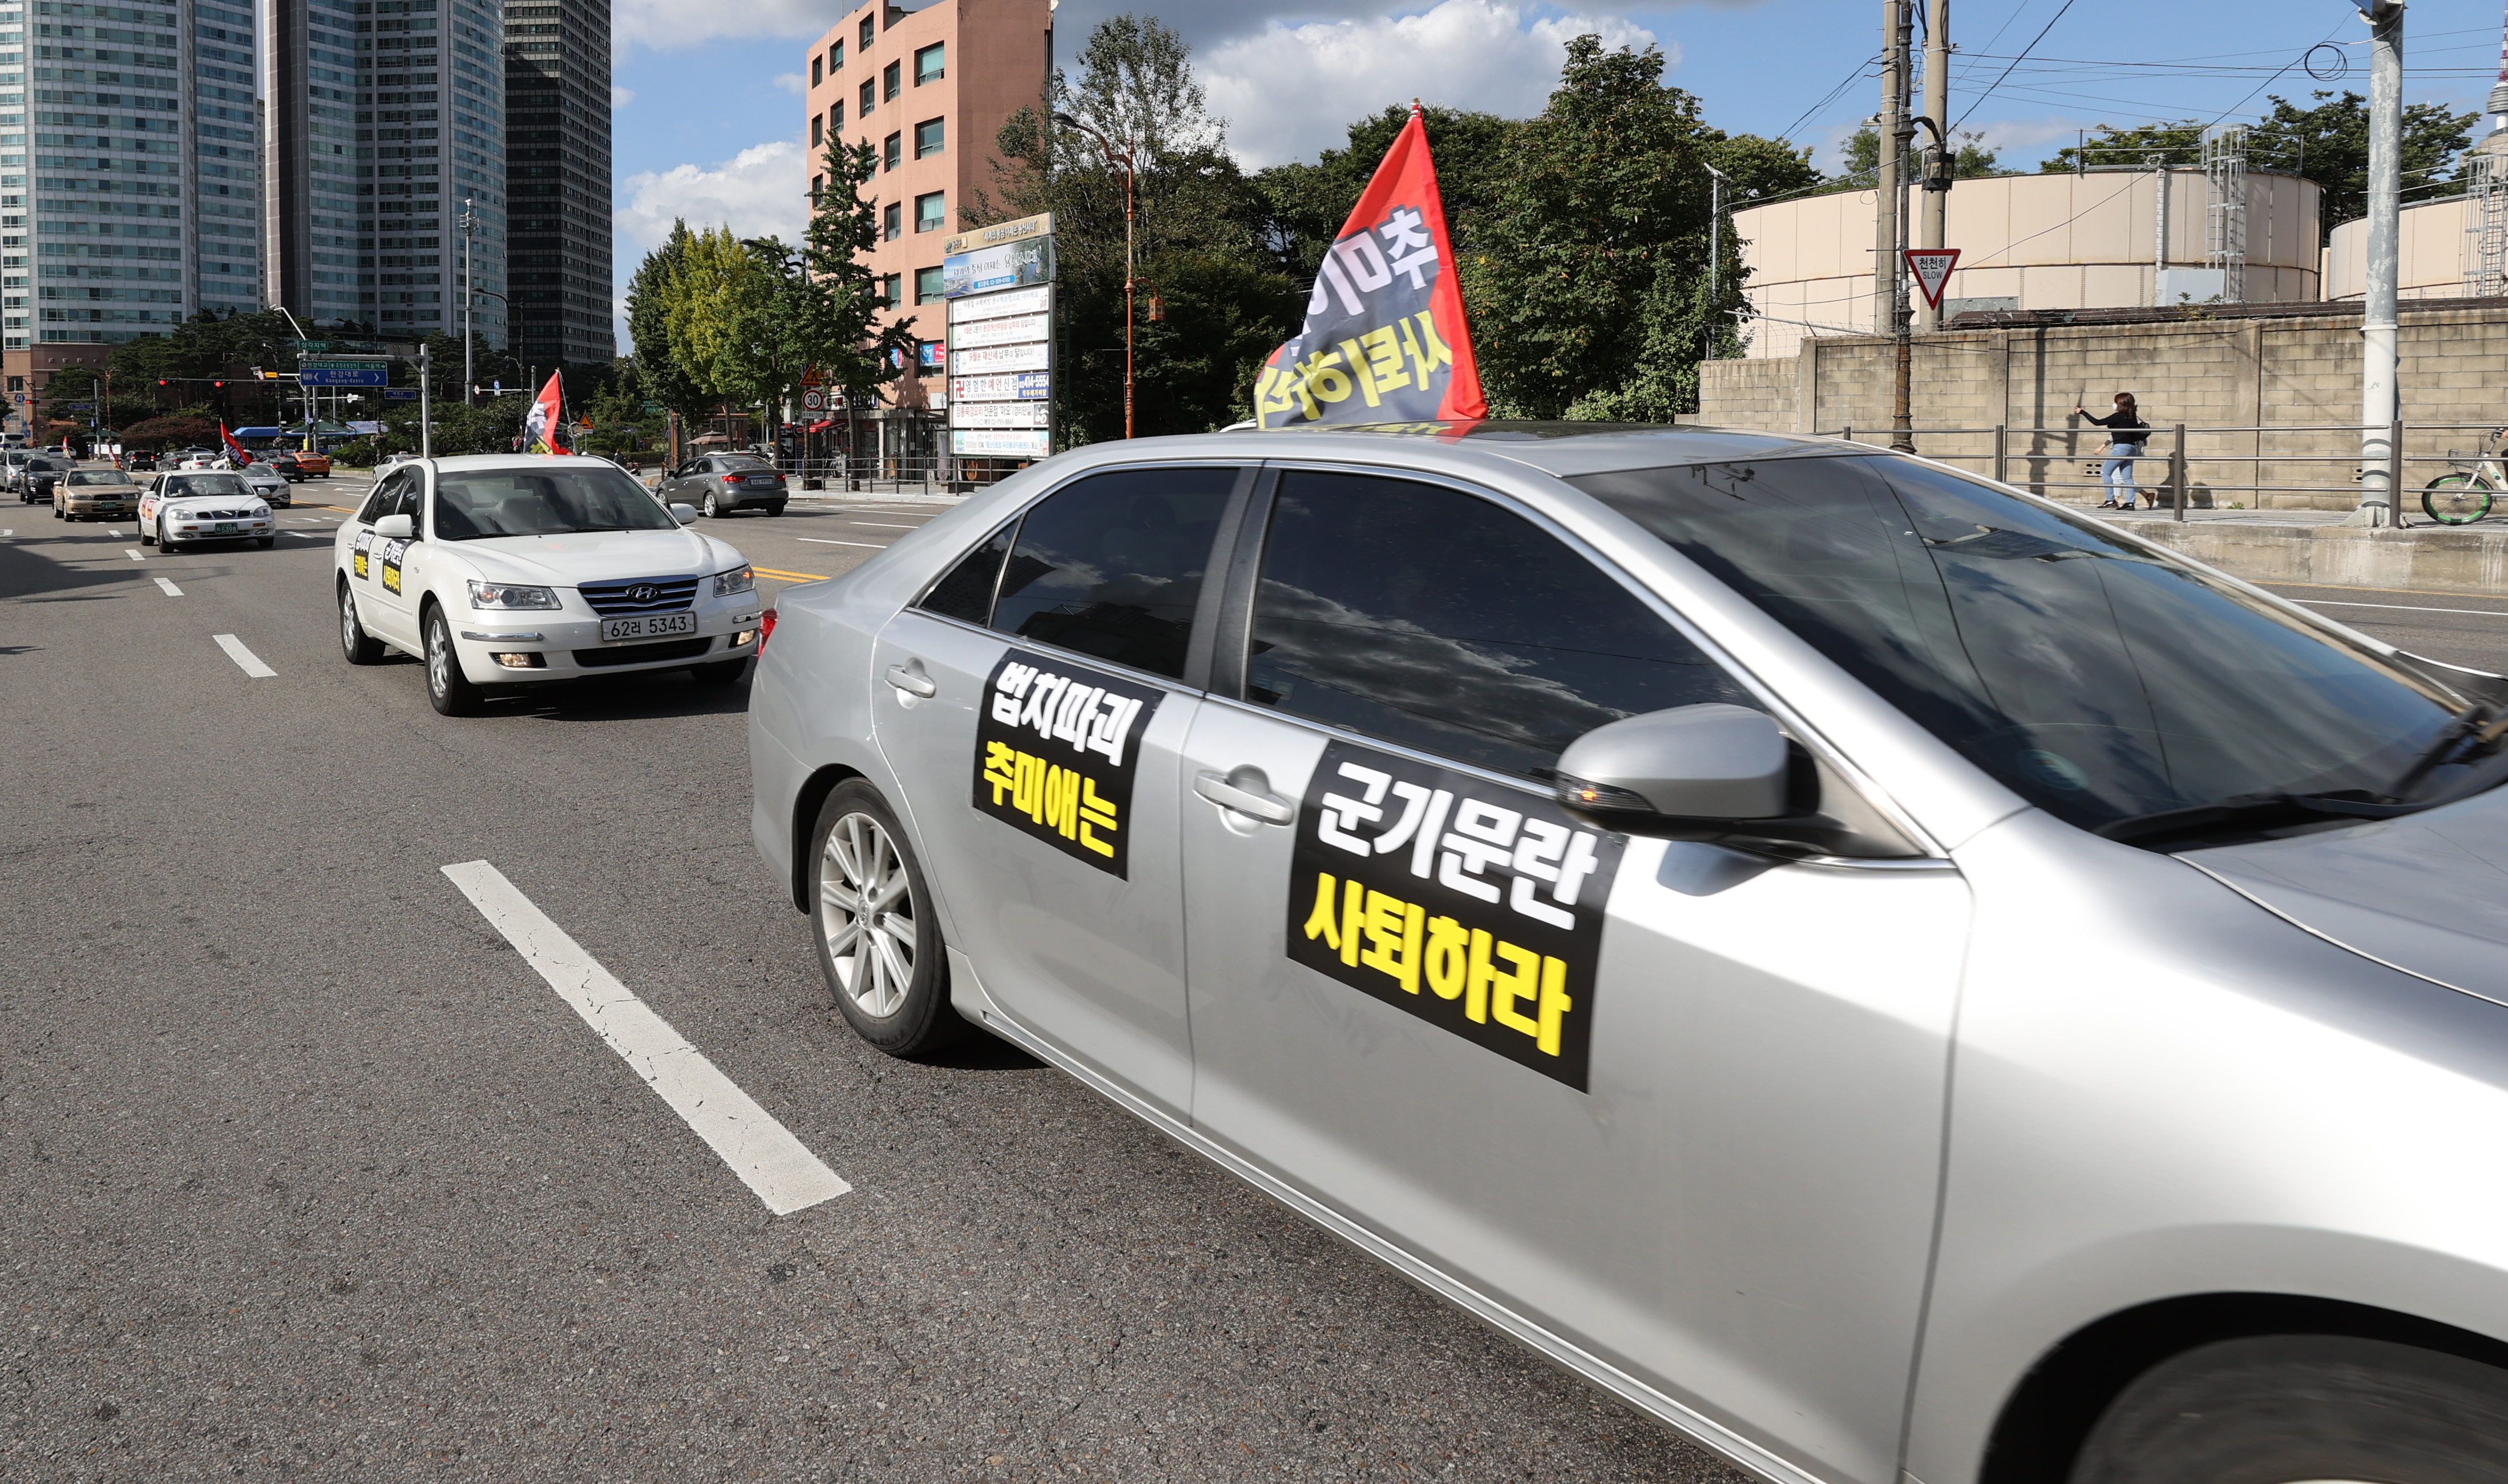 개천절 차량 집회를 예고한 보수단체 회원들이 지난 26일 오후 서울 시내에서 추미애 법무부 장관 사퇴 등을 촉구하는 카퍼레이드를 벌이는 모습.